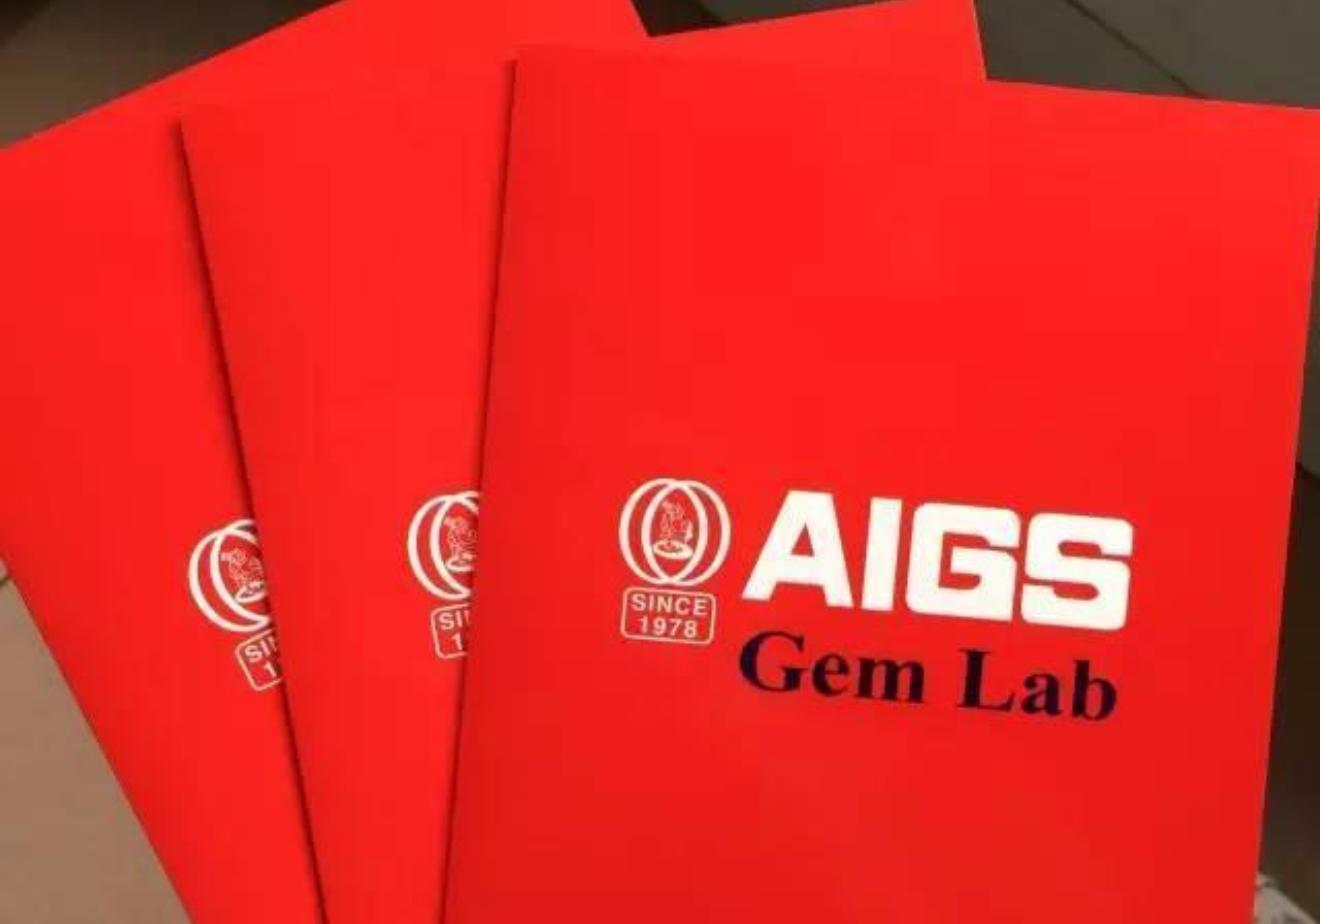 收藏版:一分钟教你读懂权威证书——AIGS